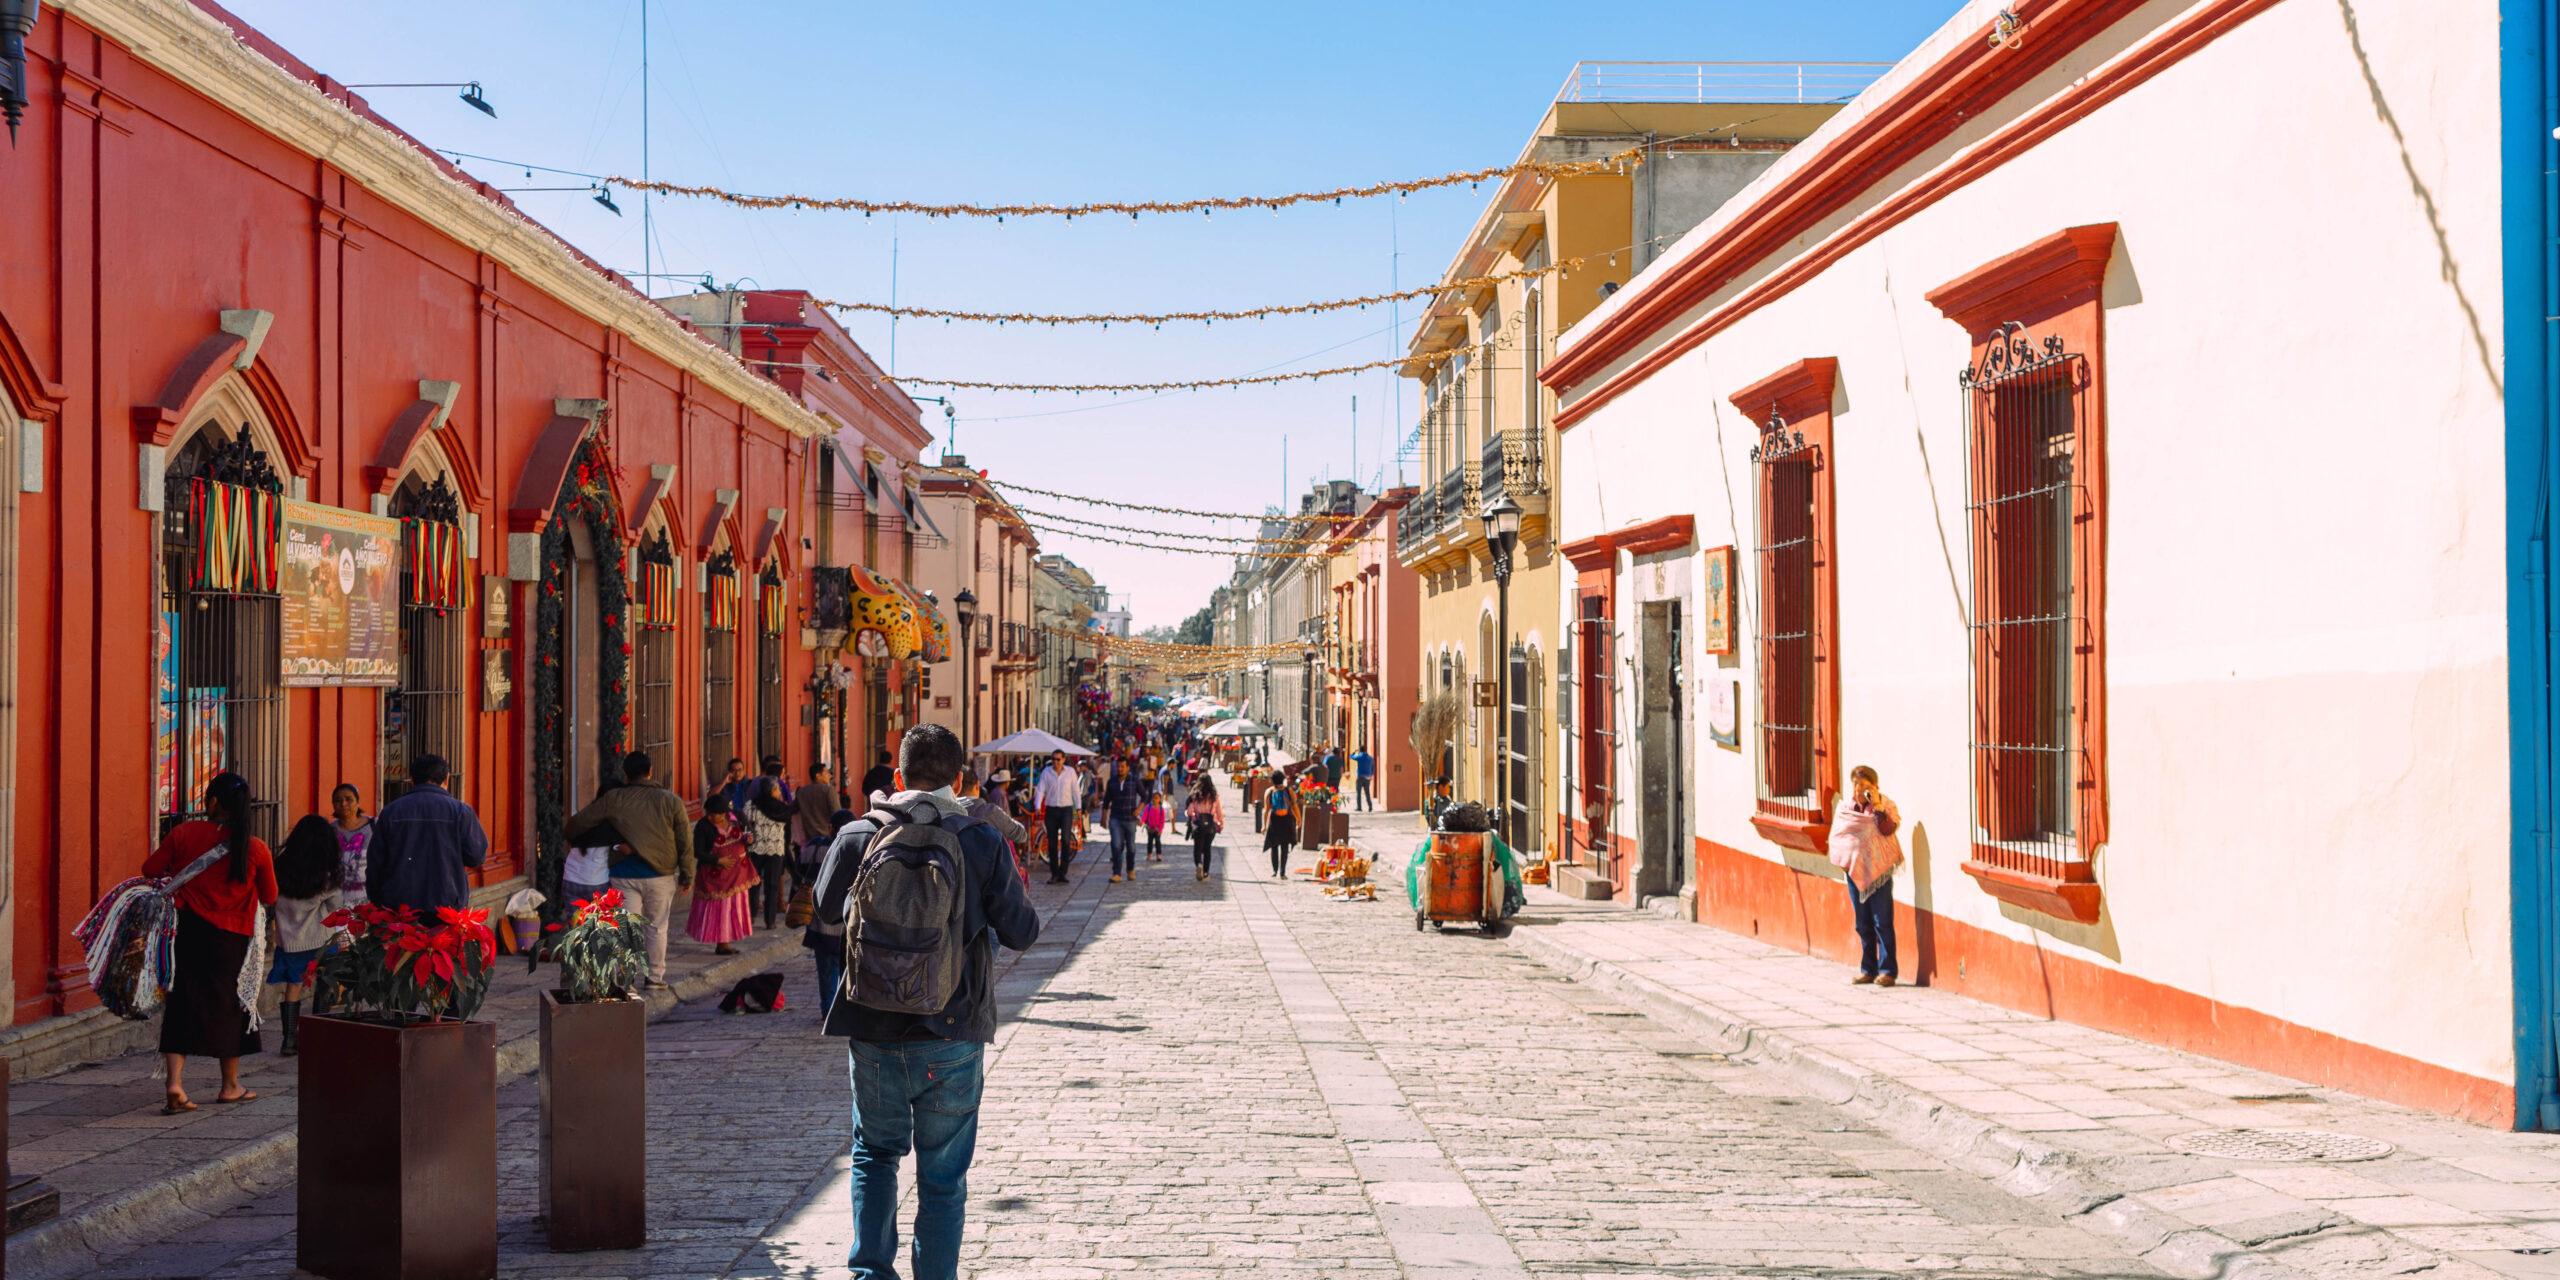 ¿Cuáles son los mejores hoteles de Oaxaca según las reviews de sus huéspedes? | El Imparcial de Oaxaca